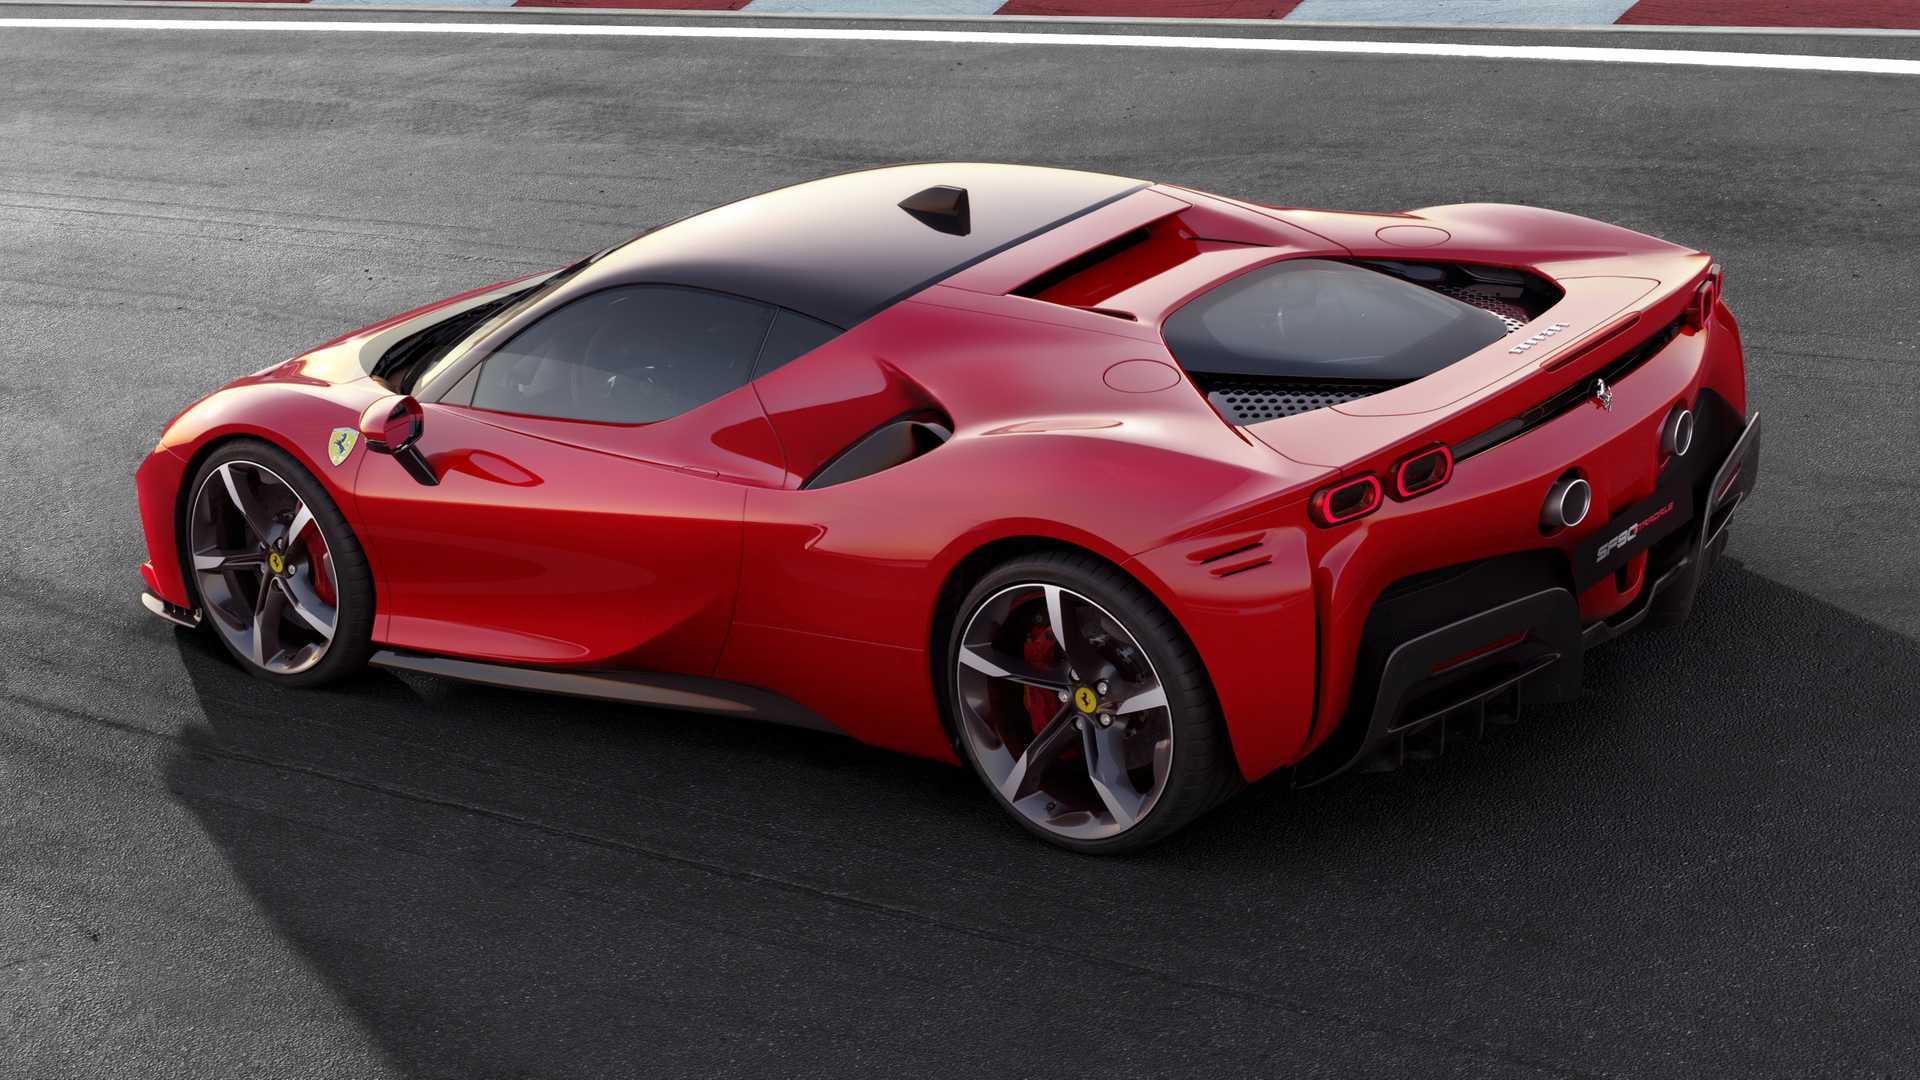 Ferrari SF90 Stradale Hyper-Hybrid Car with 986 Horsepower Revealed